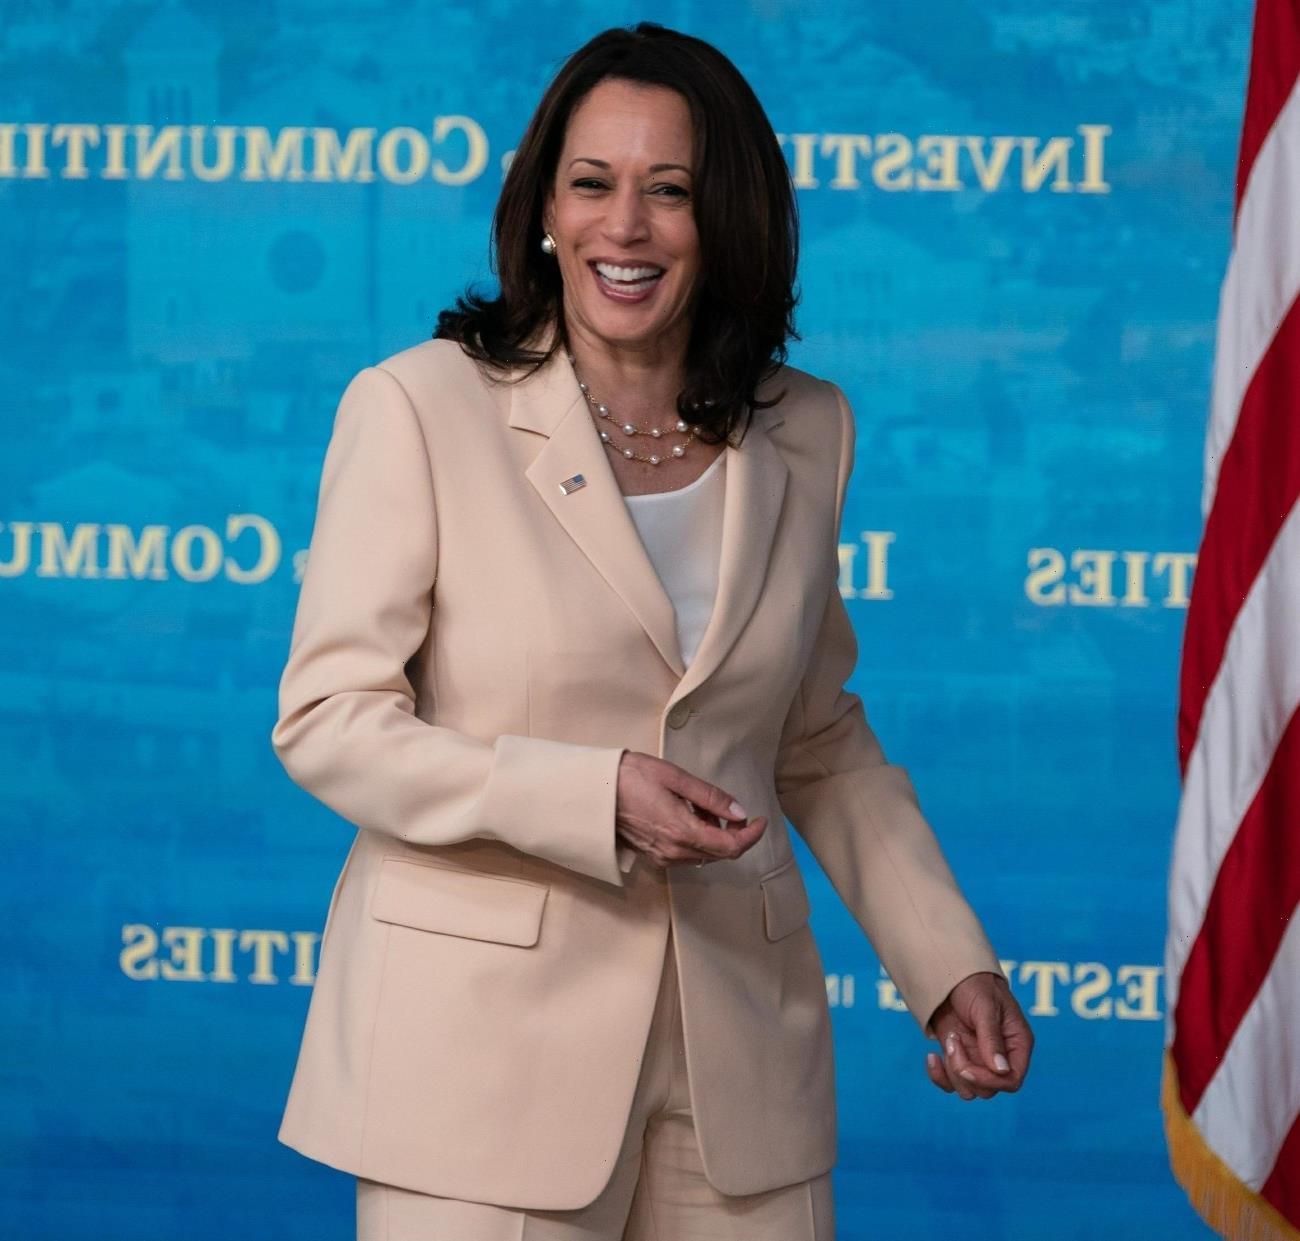 Potluck diplomacy: VP Kamala Harris hosts dinner for 24 female senators